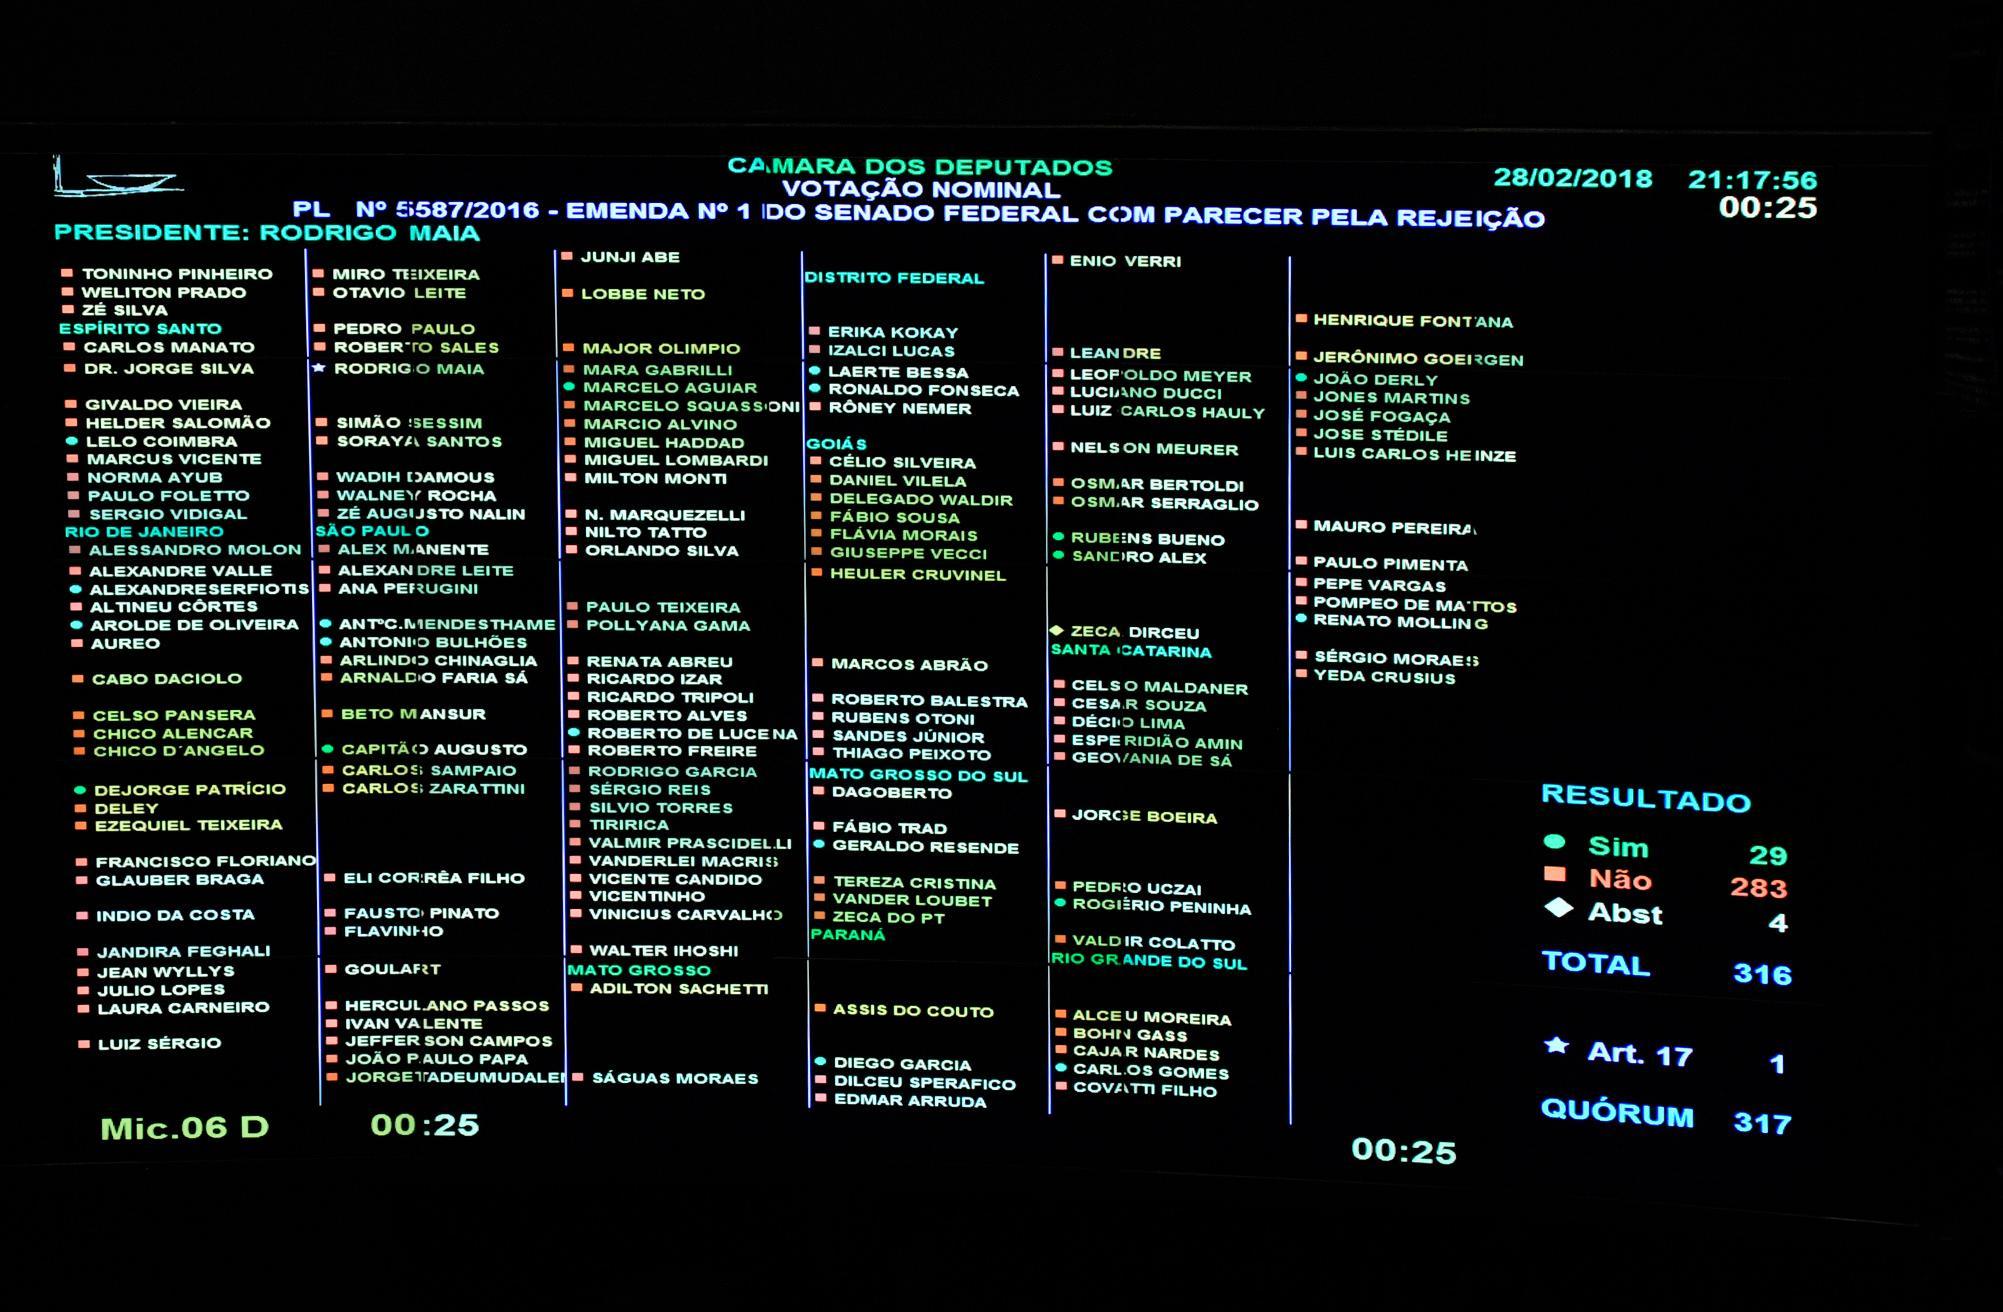 Sessão de votação da emenda do Senado ao projeto de lei de regulamentação dos aplicativos de transporte (PL 5587/16)